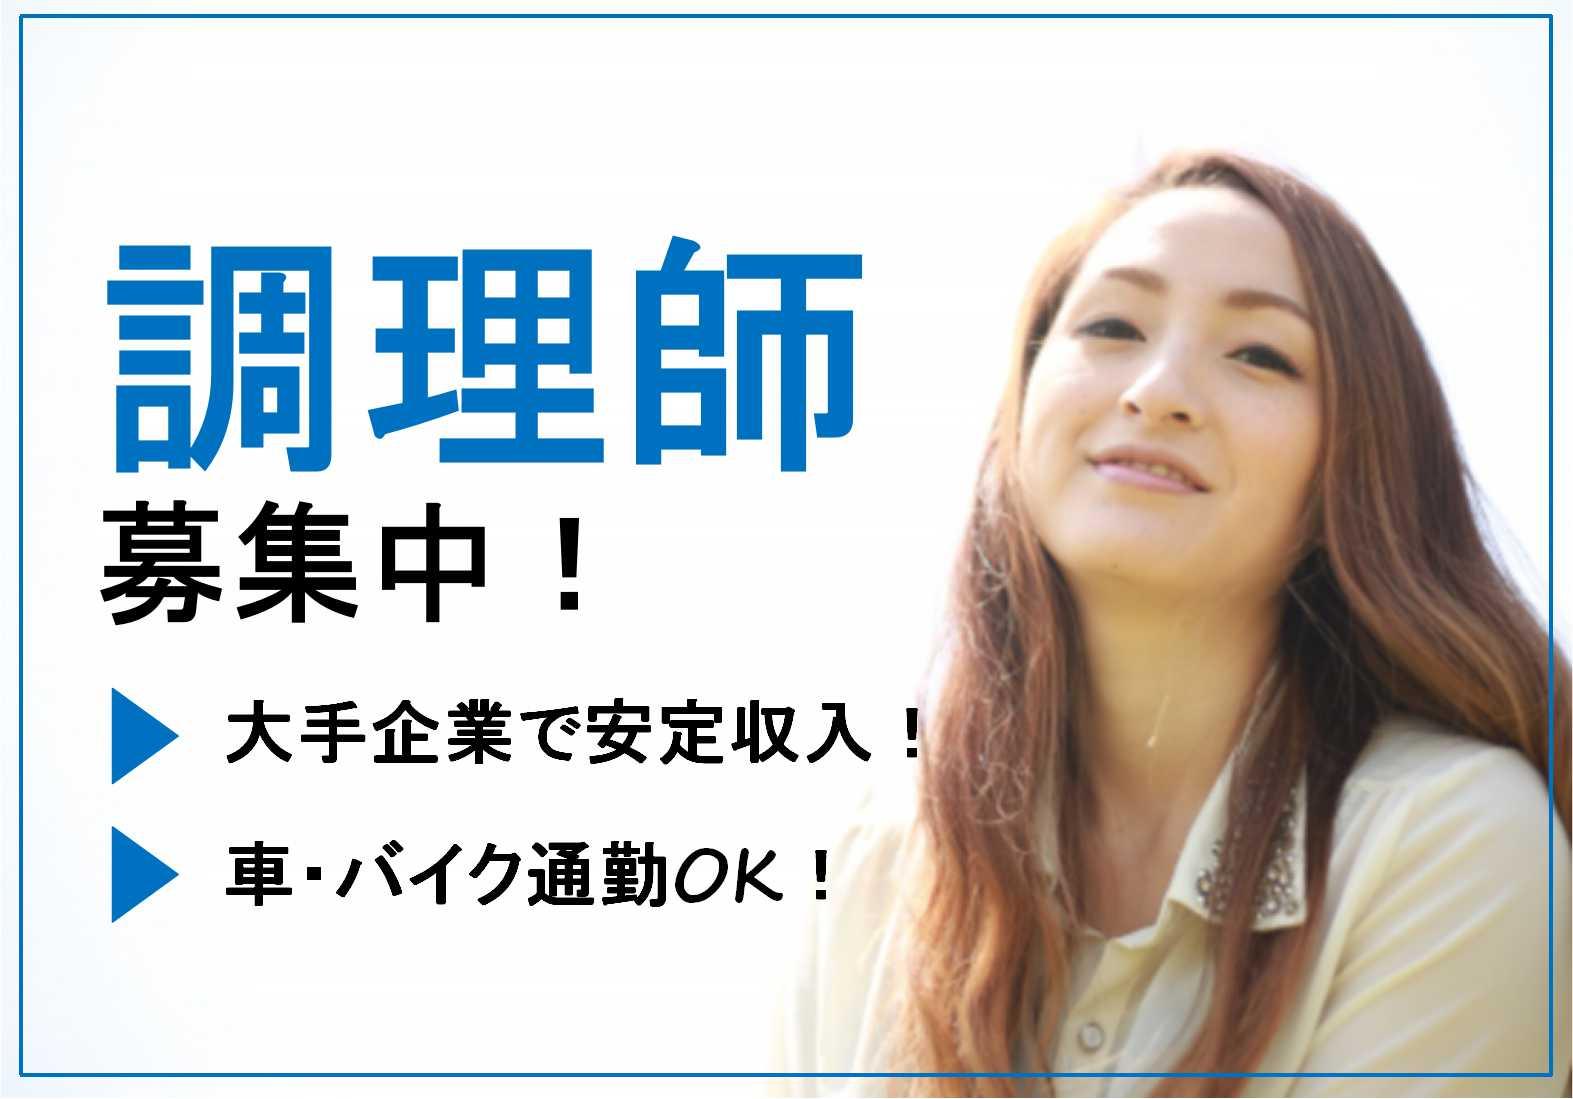 調理師免許ナシも相談OK★夕方からのお仕事!給食センター調理師 イメージ